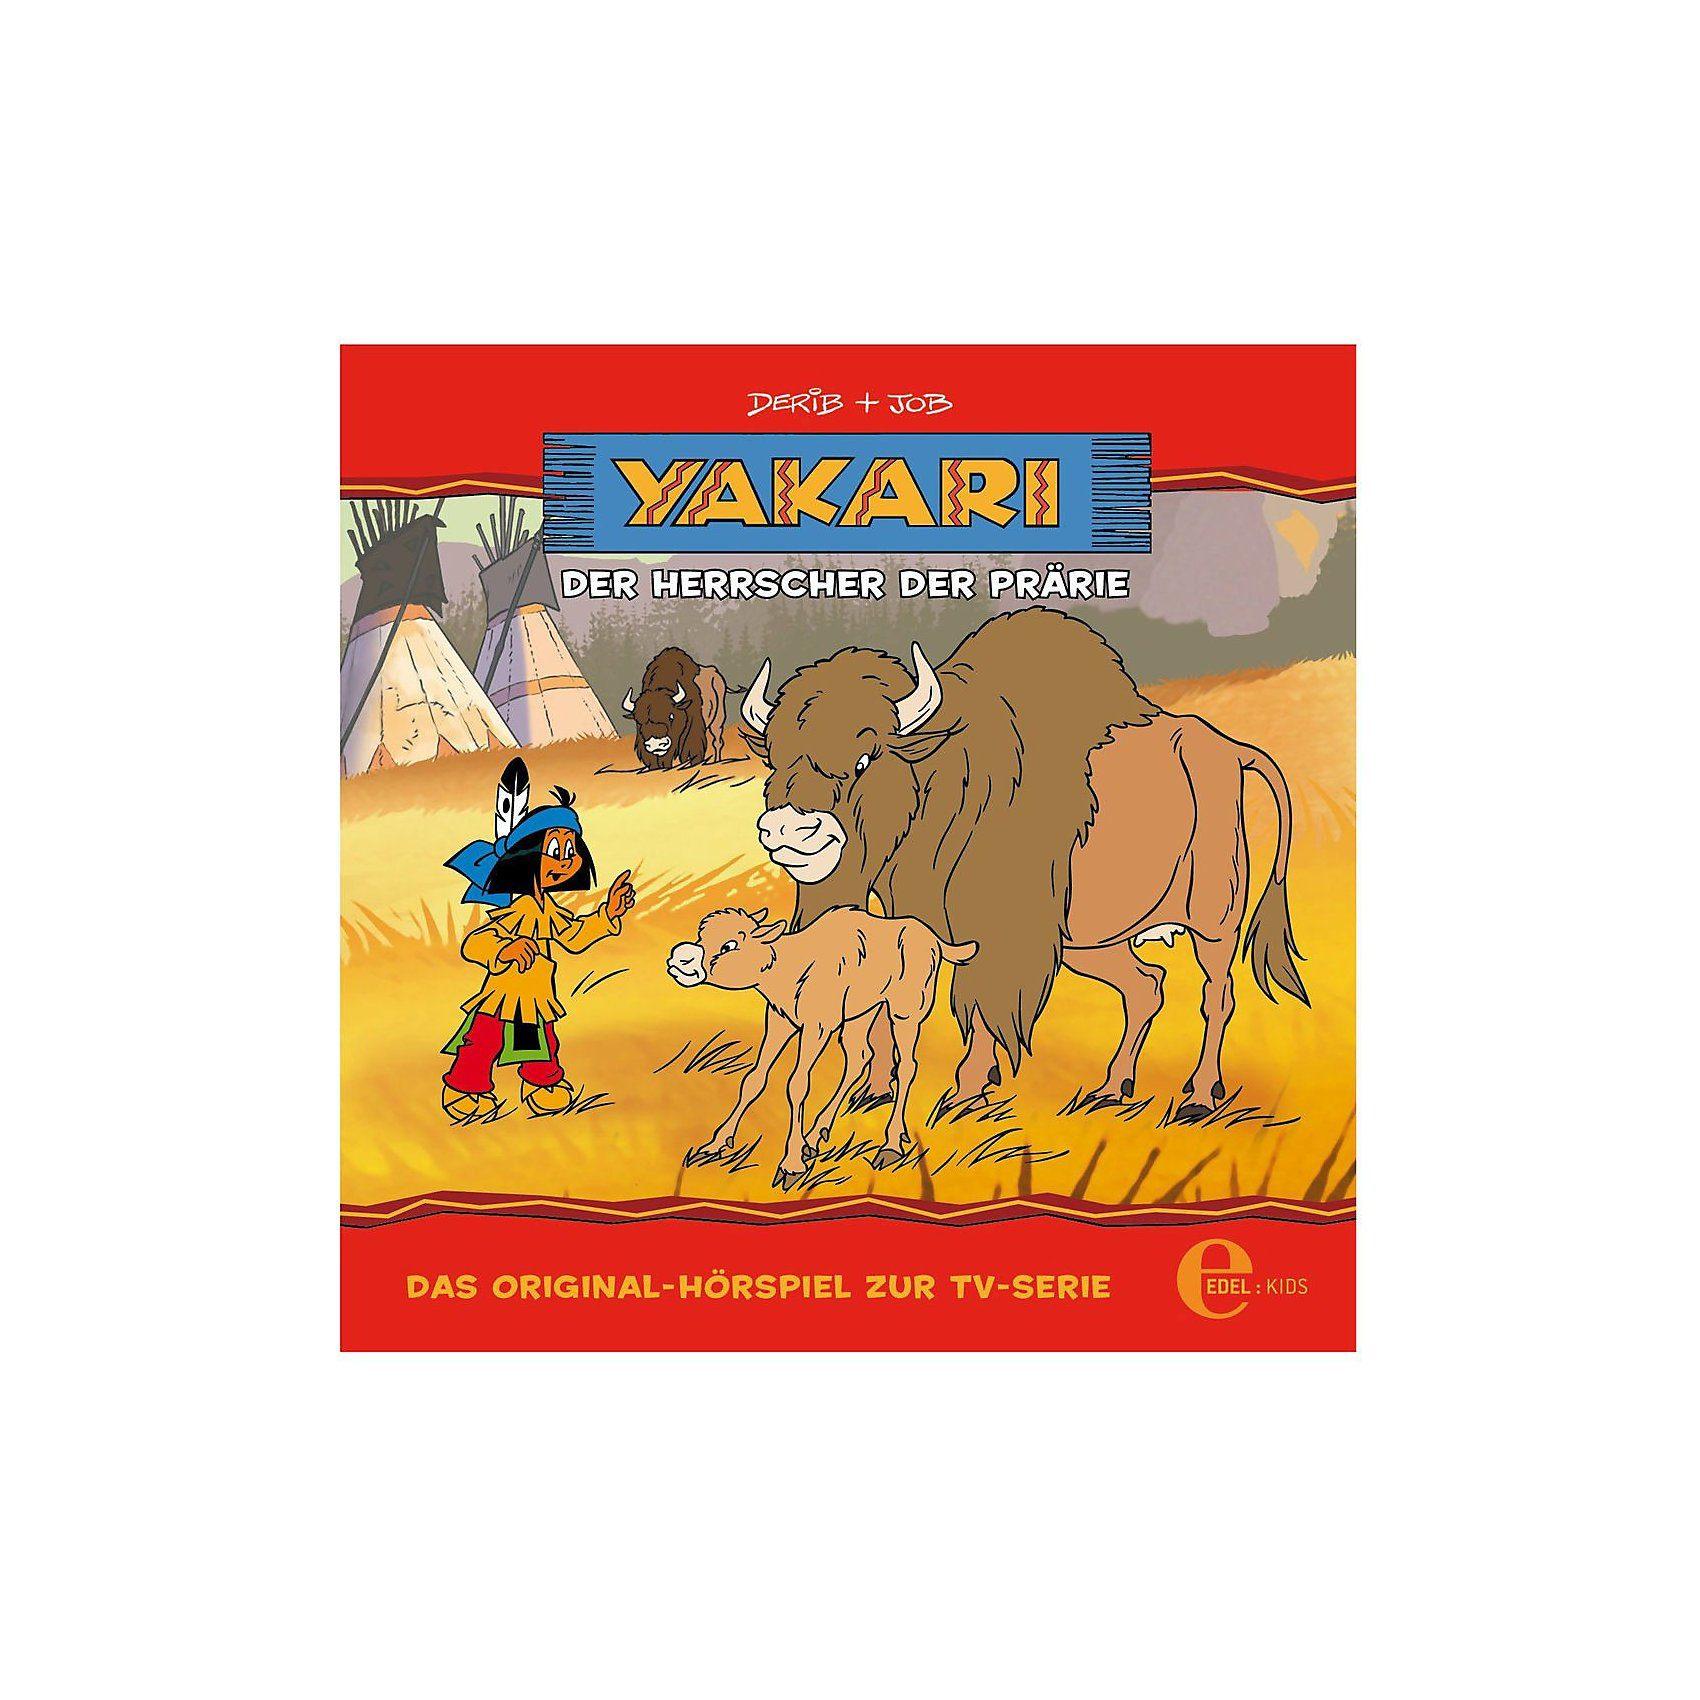 Edel CD Yakari 12 - Der Herrscher der Prärie - Yaka